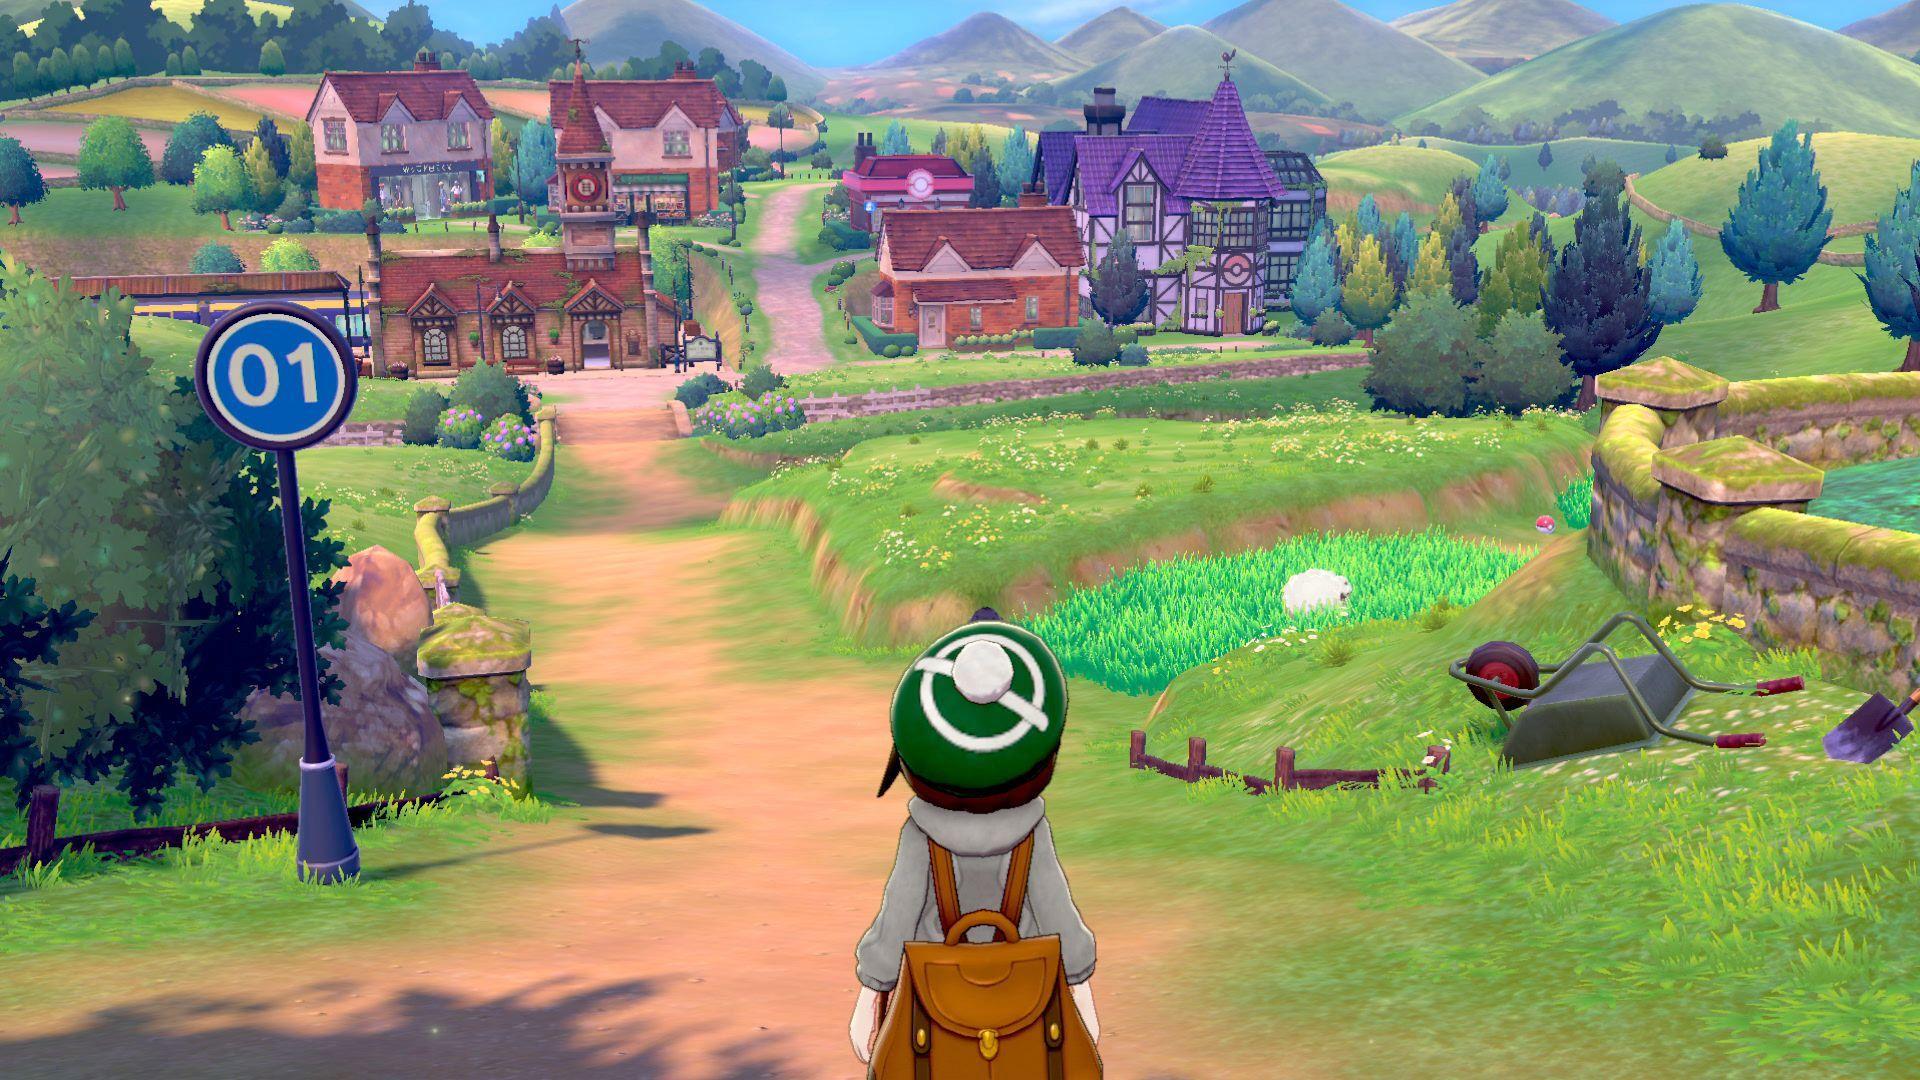 修改《宝可梦:剑/盾》数据进行游戏 将被禁止交易及PokemonHome